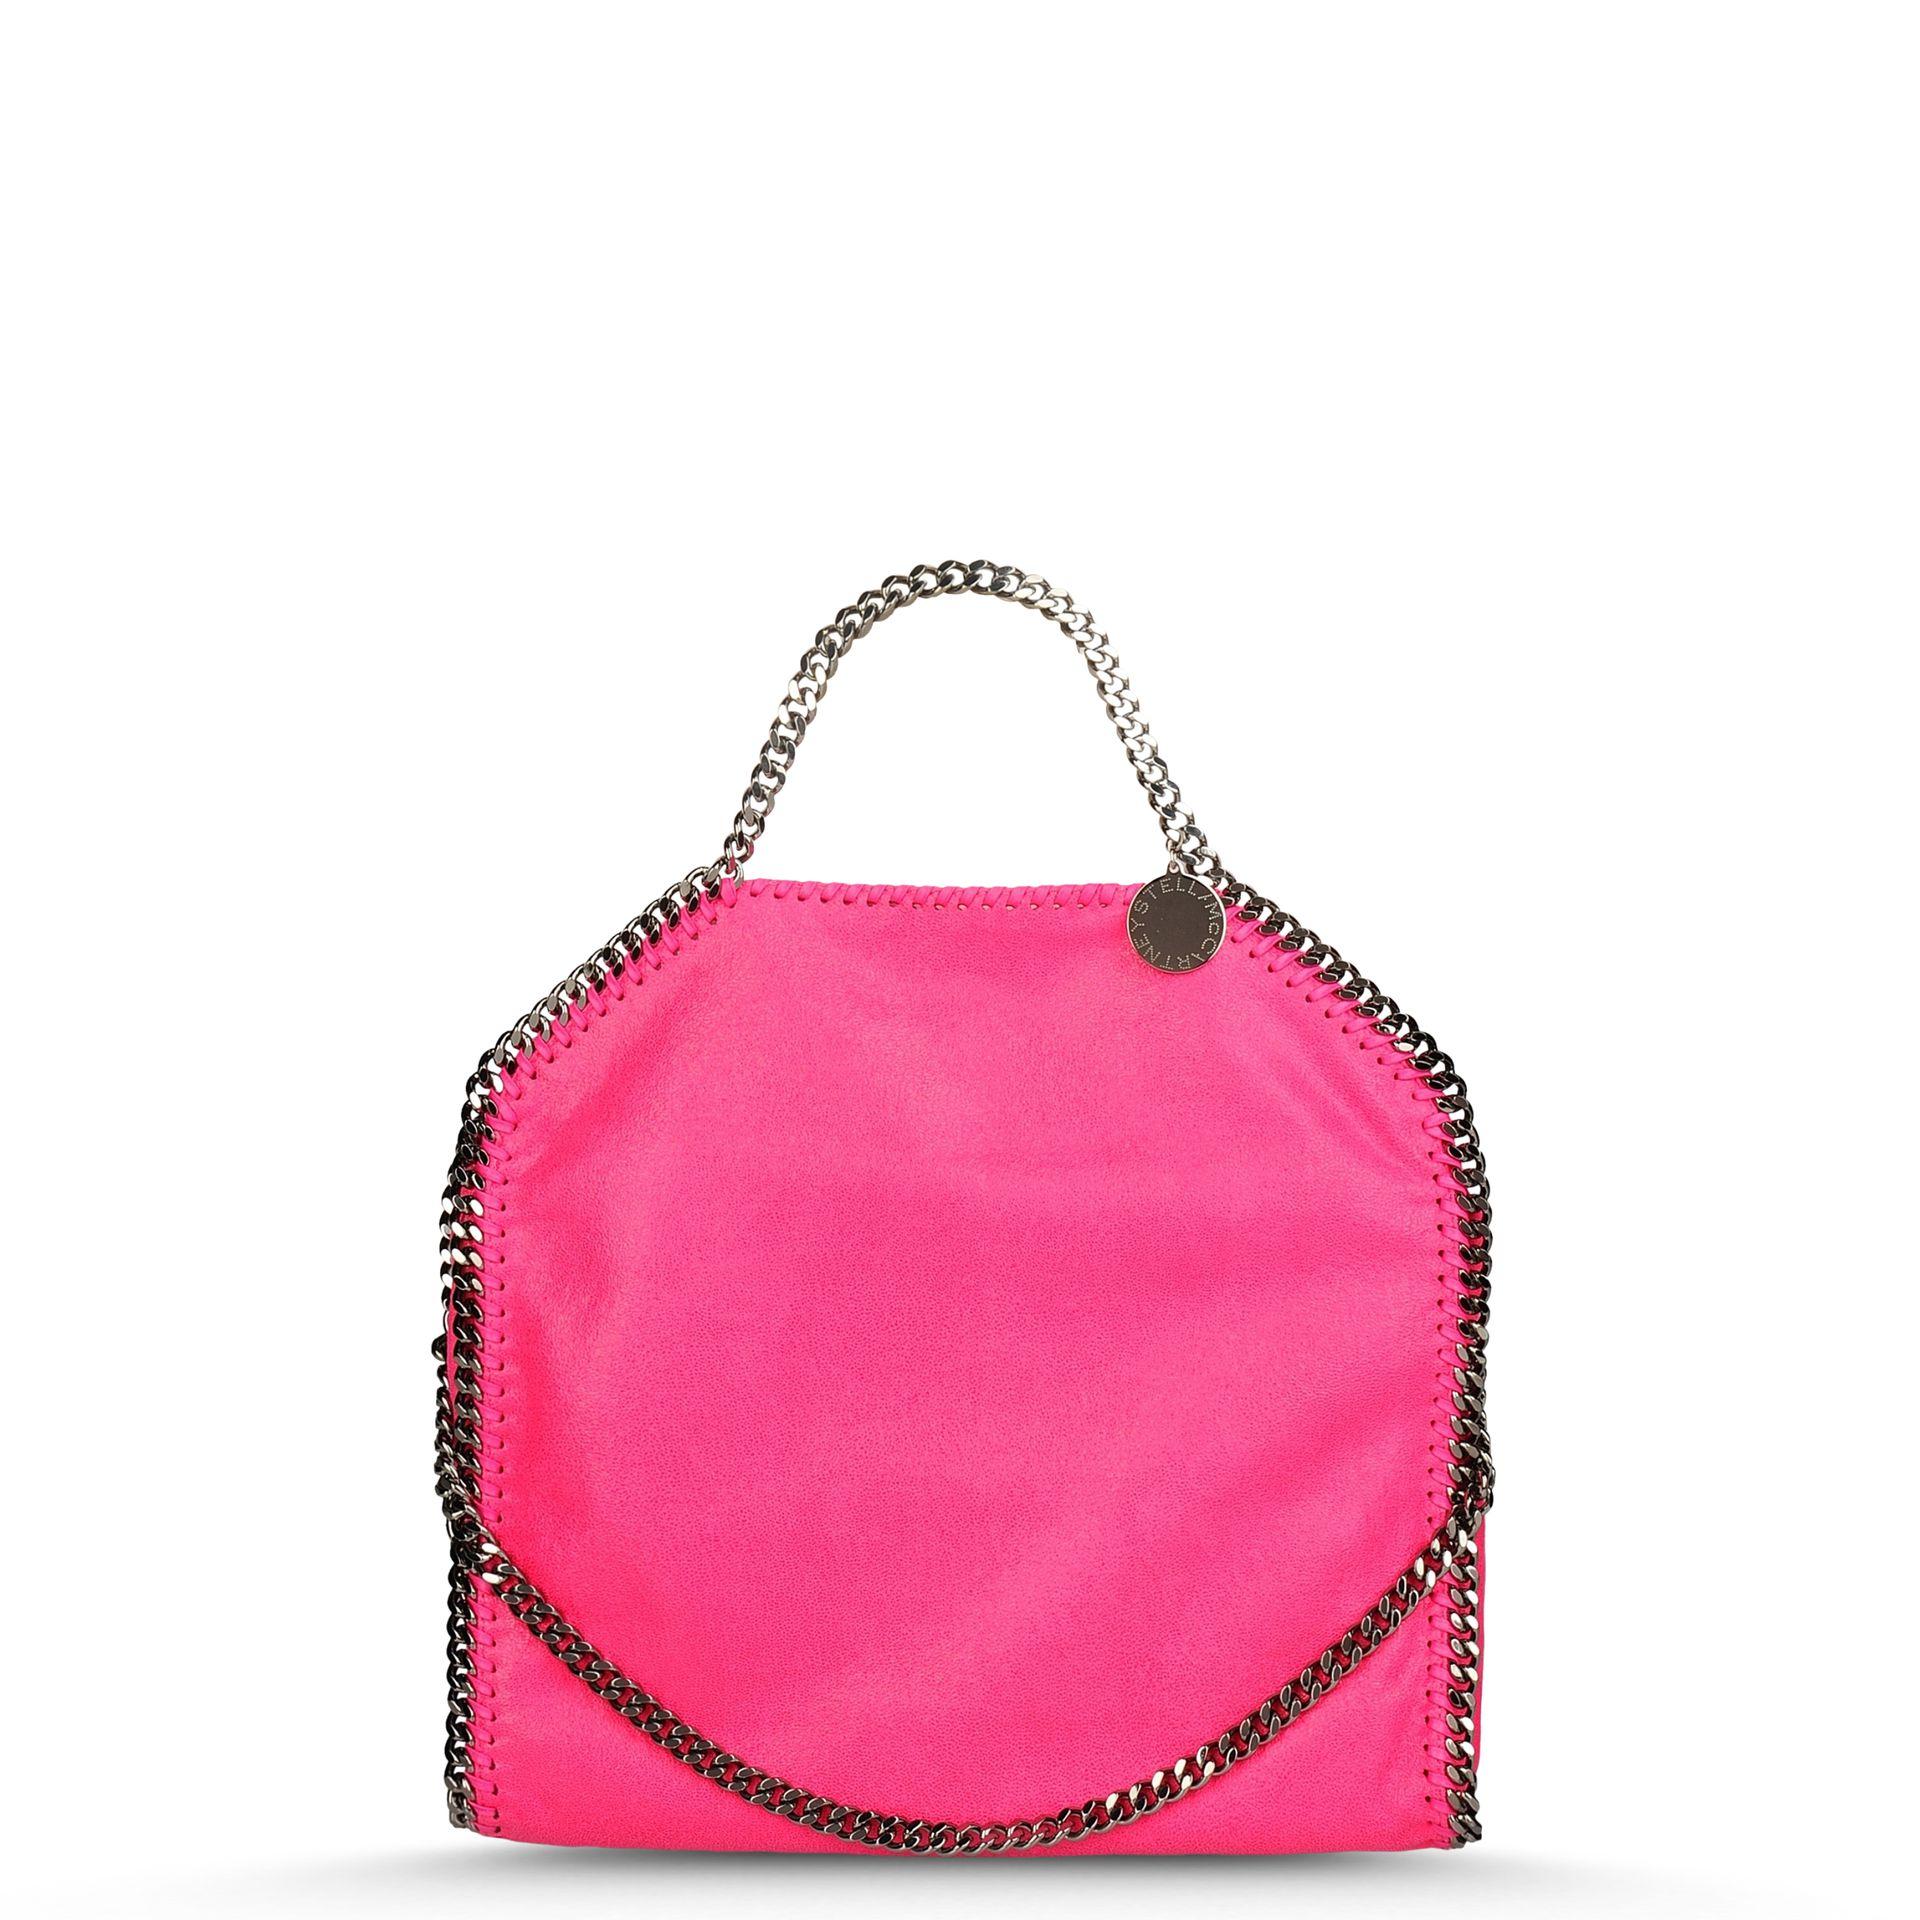 Falabella foldover tote - Pink & Purple Stella McCartney BAWx8Ae9bL